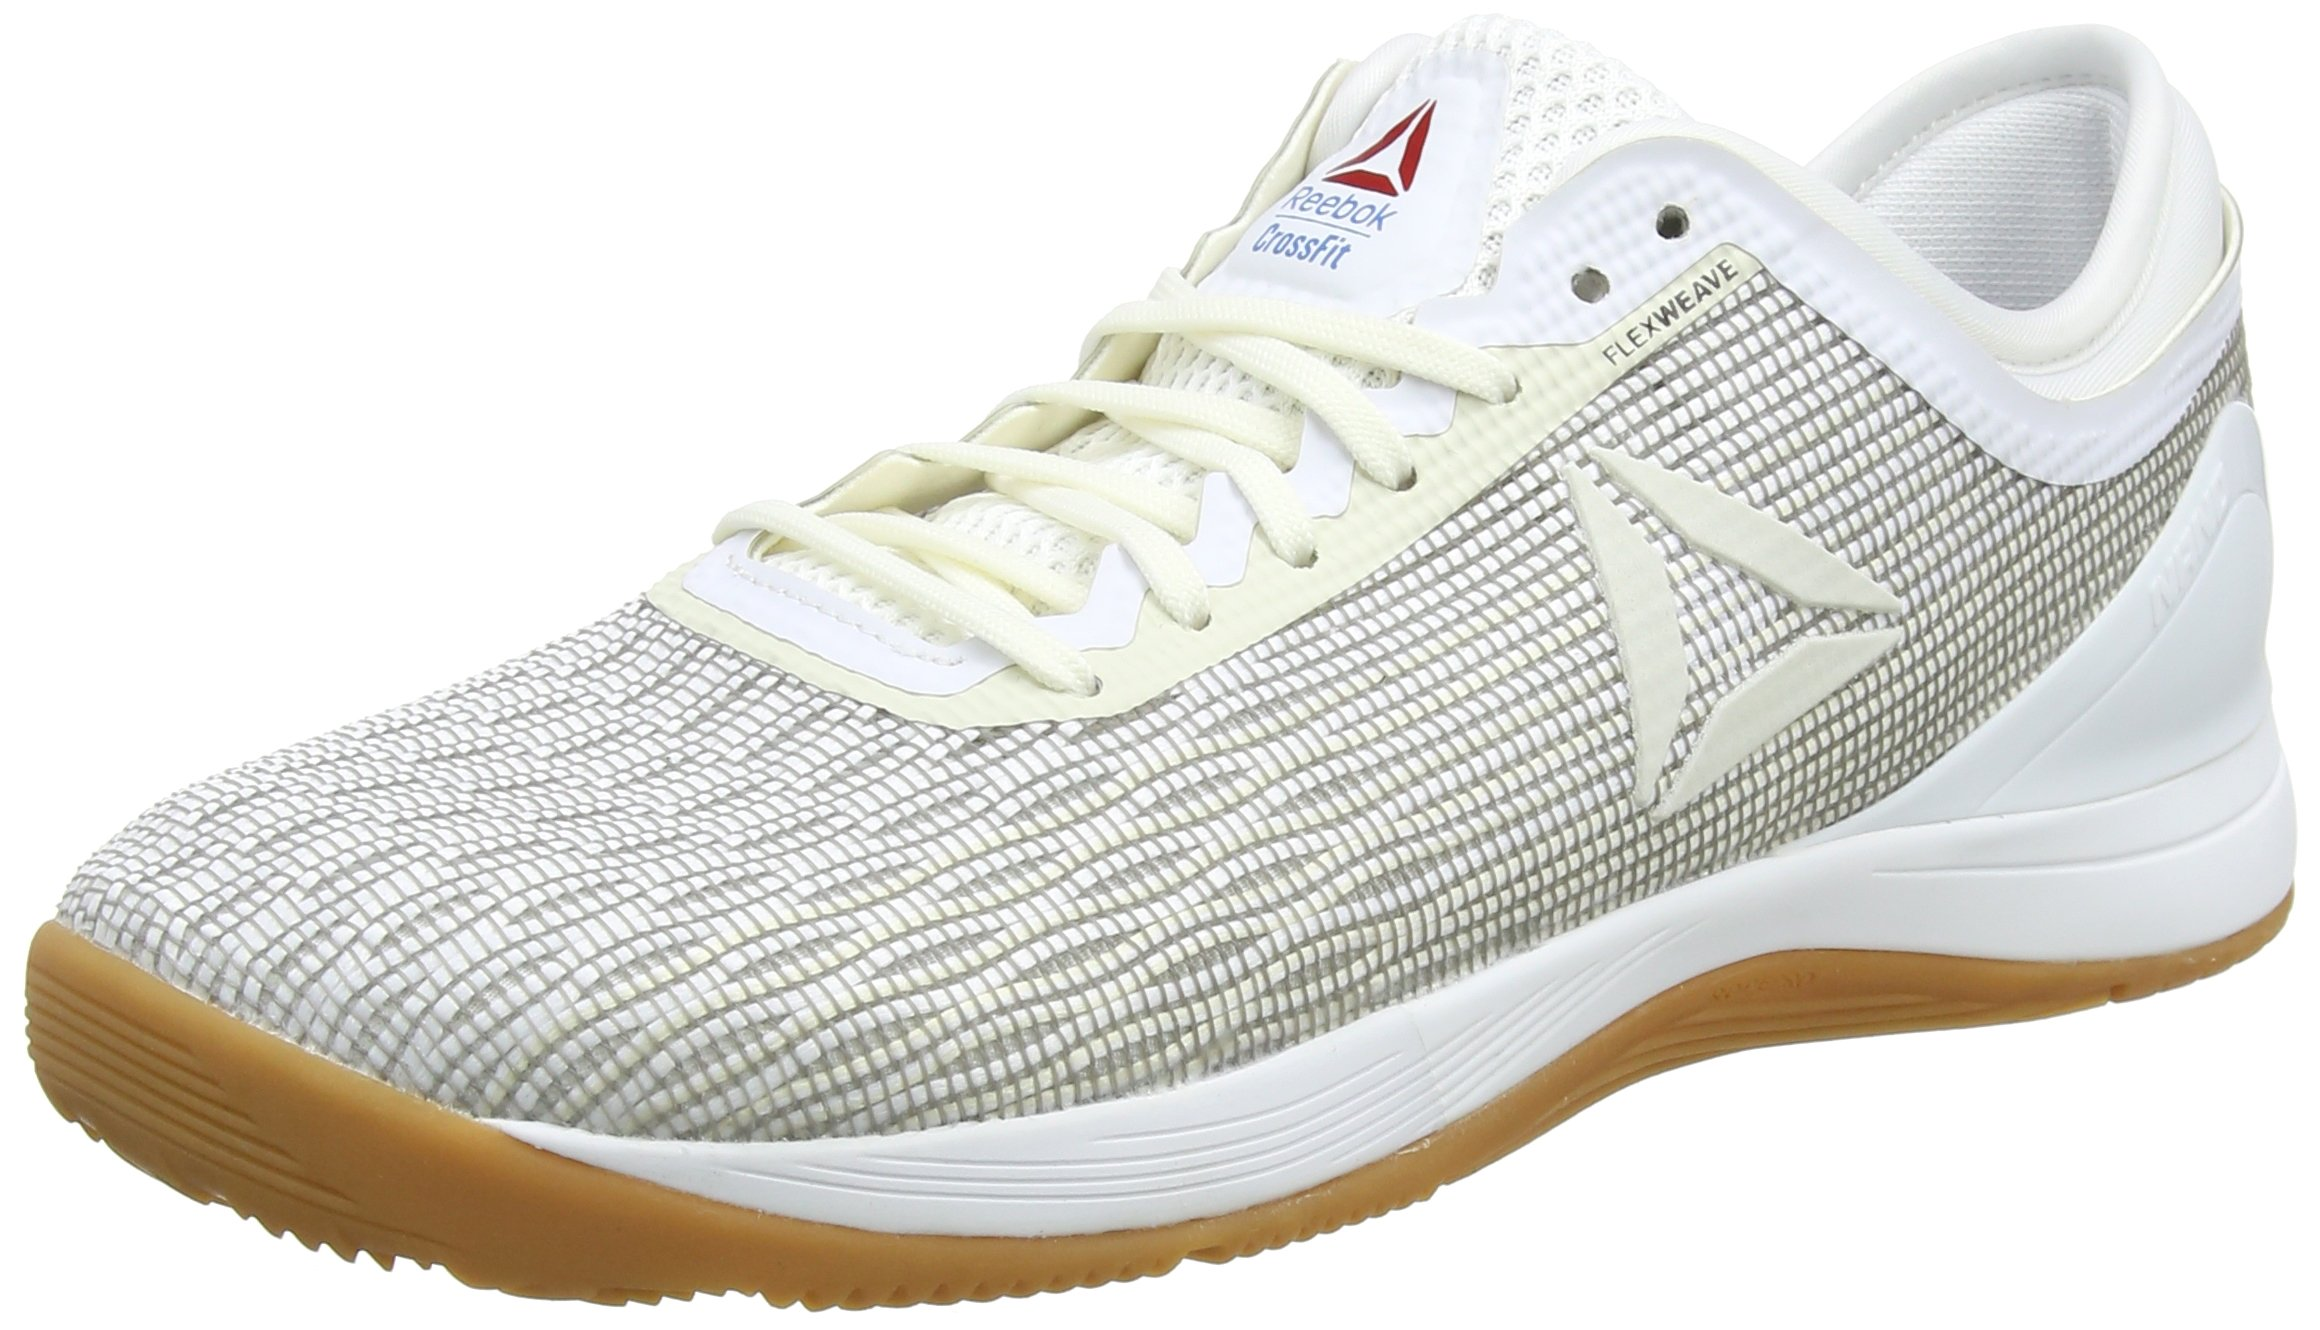 Reebok Crossfit Nano 8.0 Flexweave Women's Shoes - SS19-9.5 - White